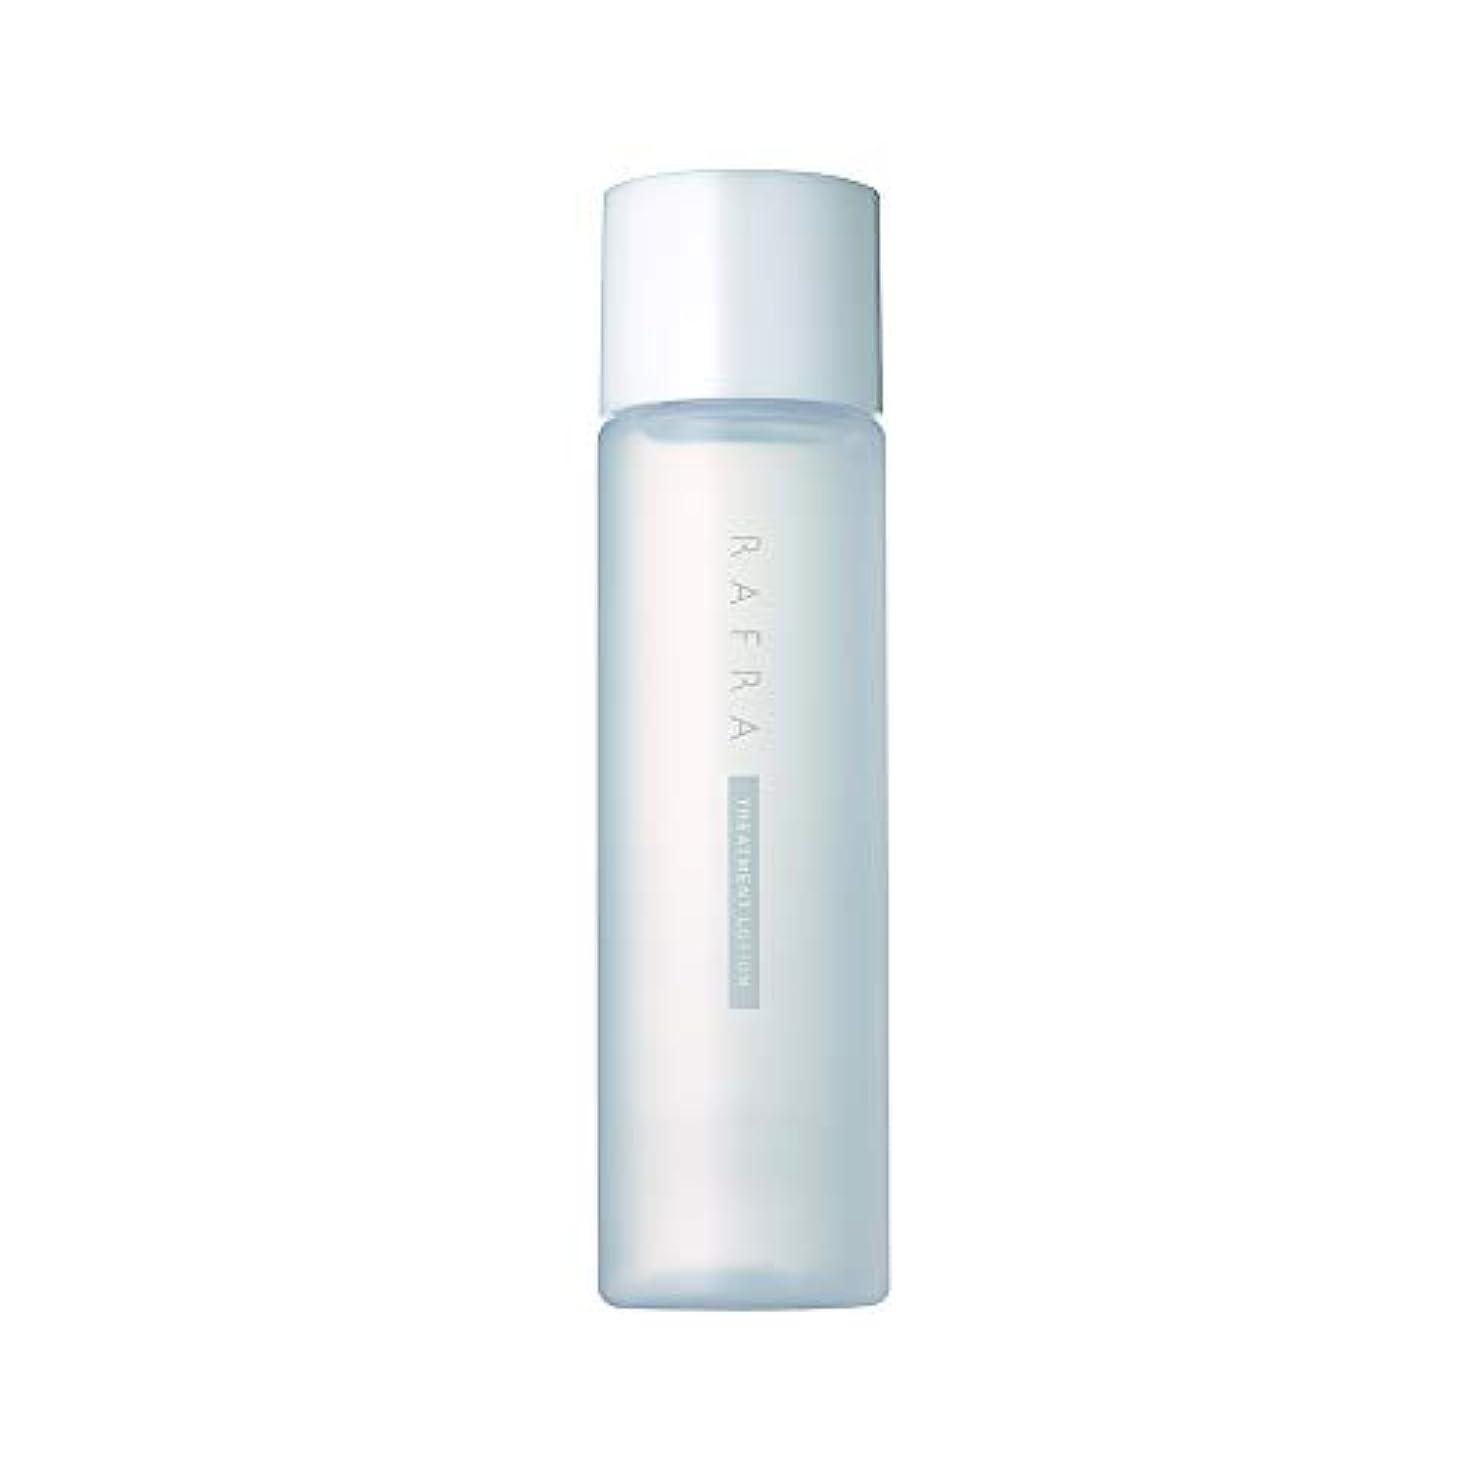 重量子供時代不適当ラフラ トリートメントローション 150ml 化粧水 ブースター 導入液